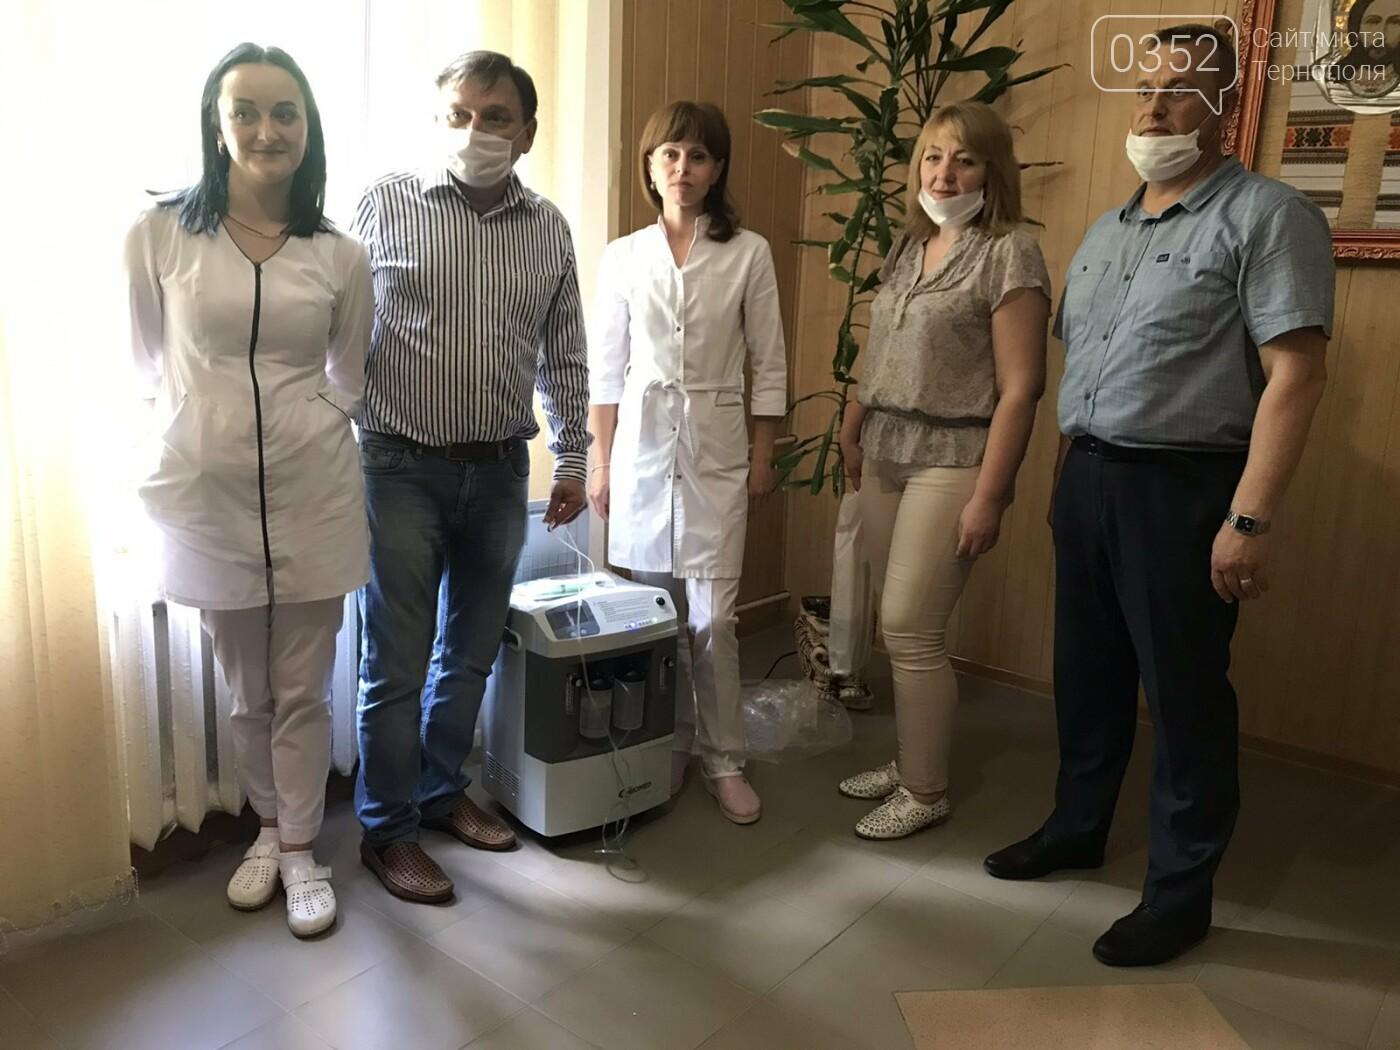 Підтримкою «Контінентал Фармерз Груп» заручилися медики п'яти областей Західної України, фото-3